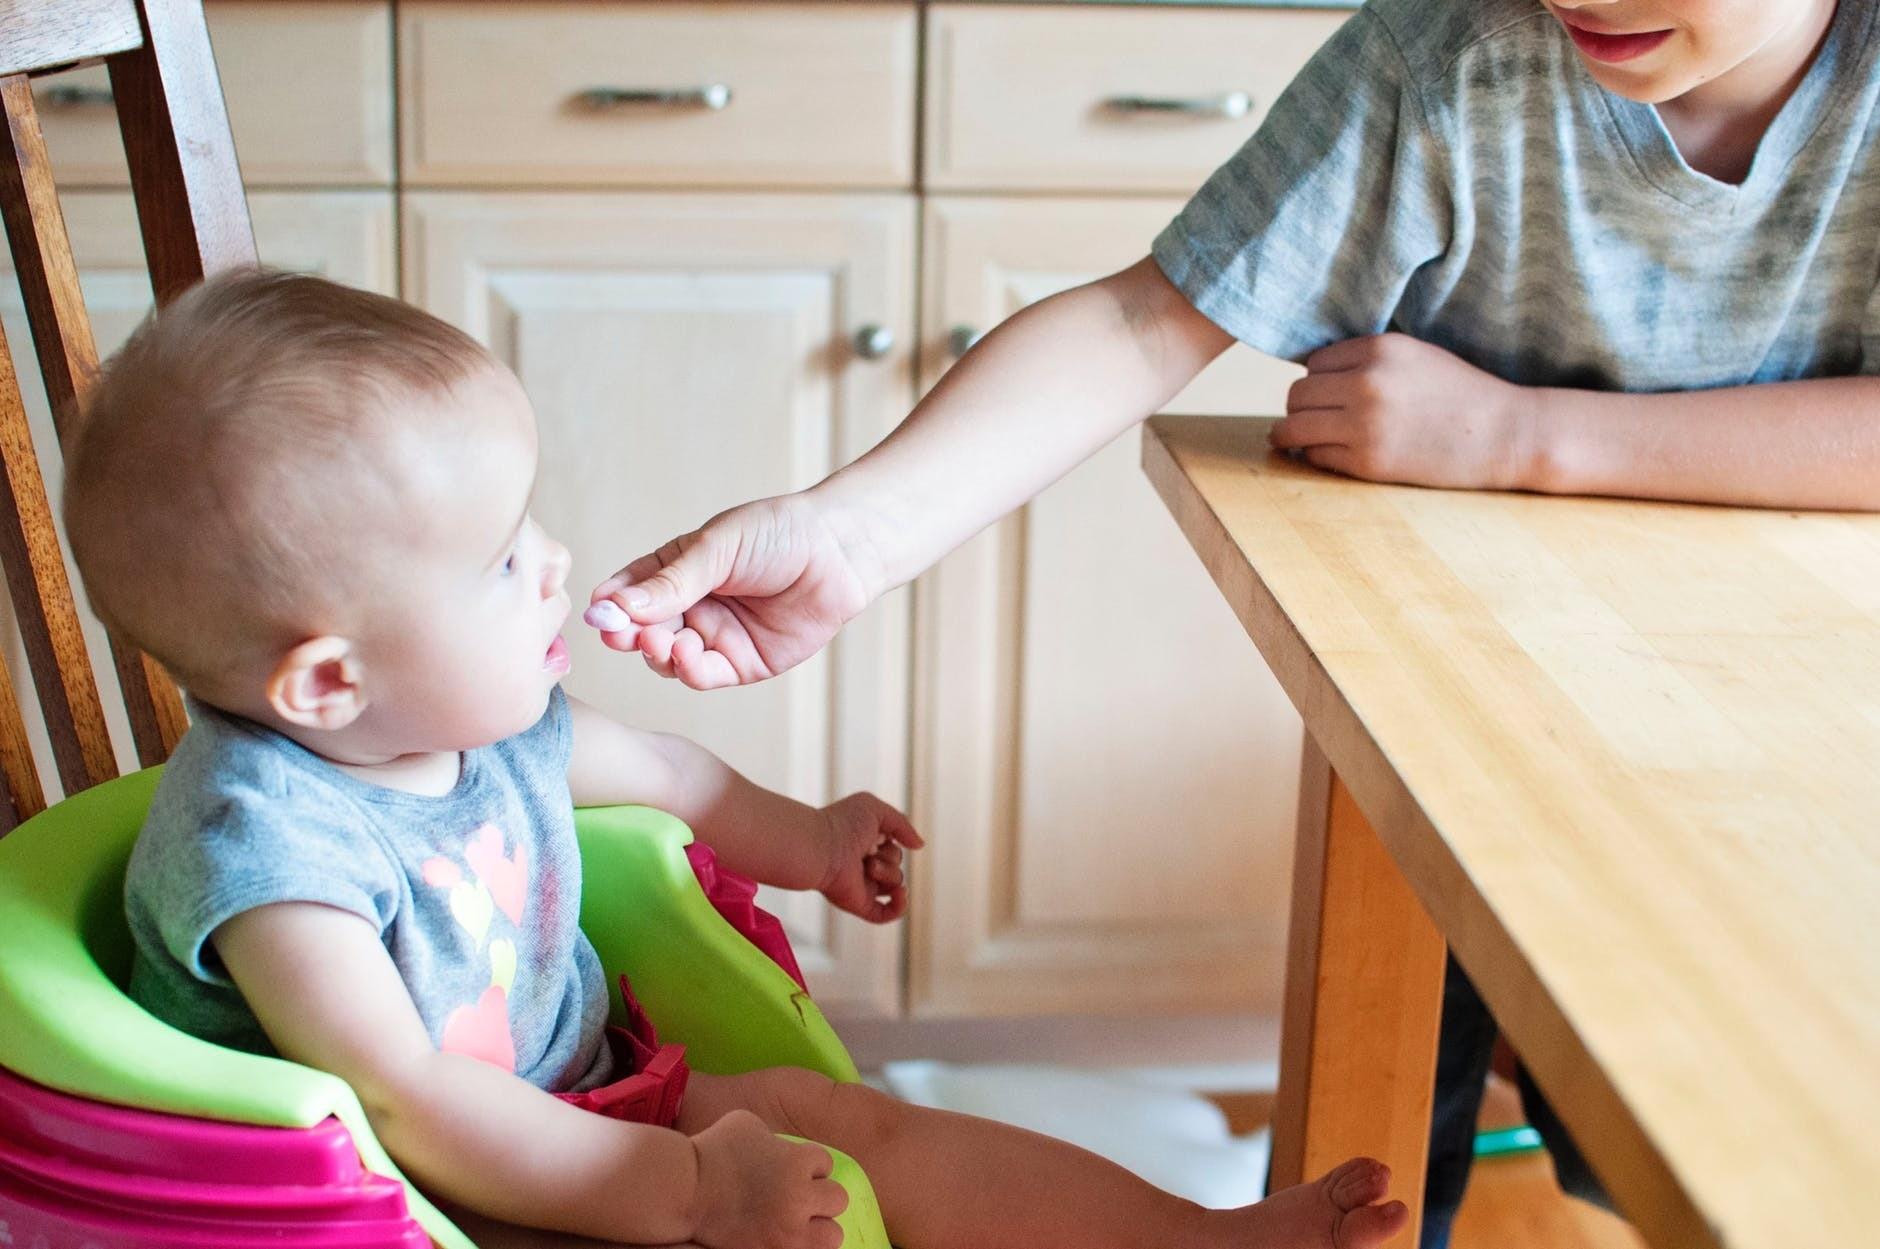 Питание ребенка в 10 месяцев: меню и рекомендации по прикорму